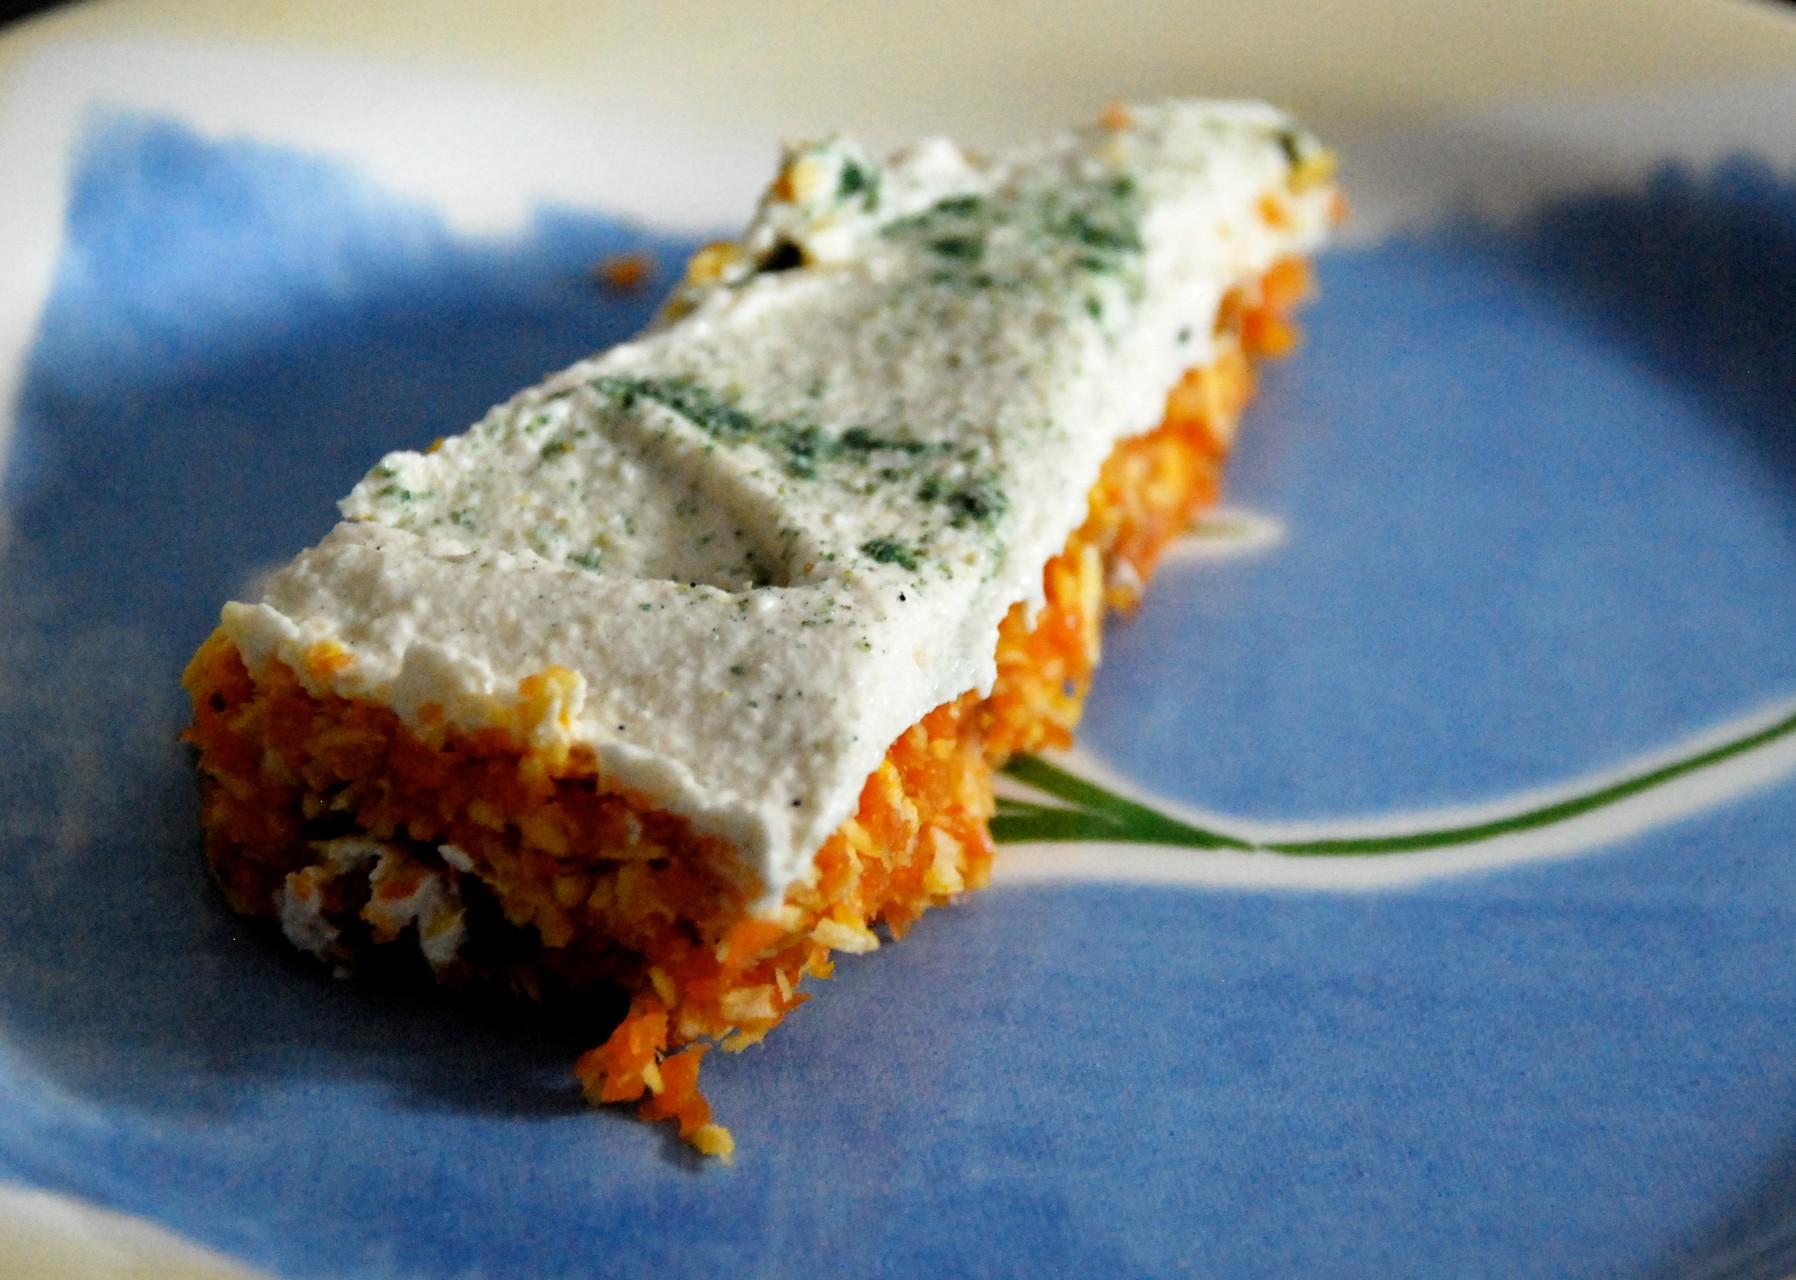 Tarta de zanahoria con crema de anacardos